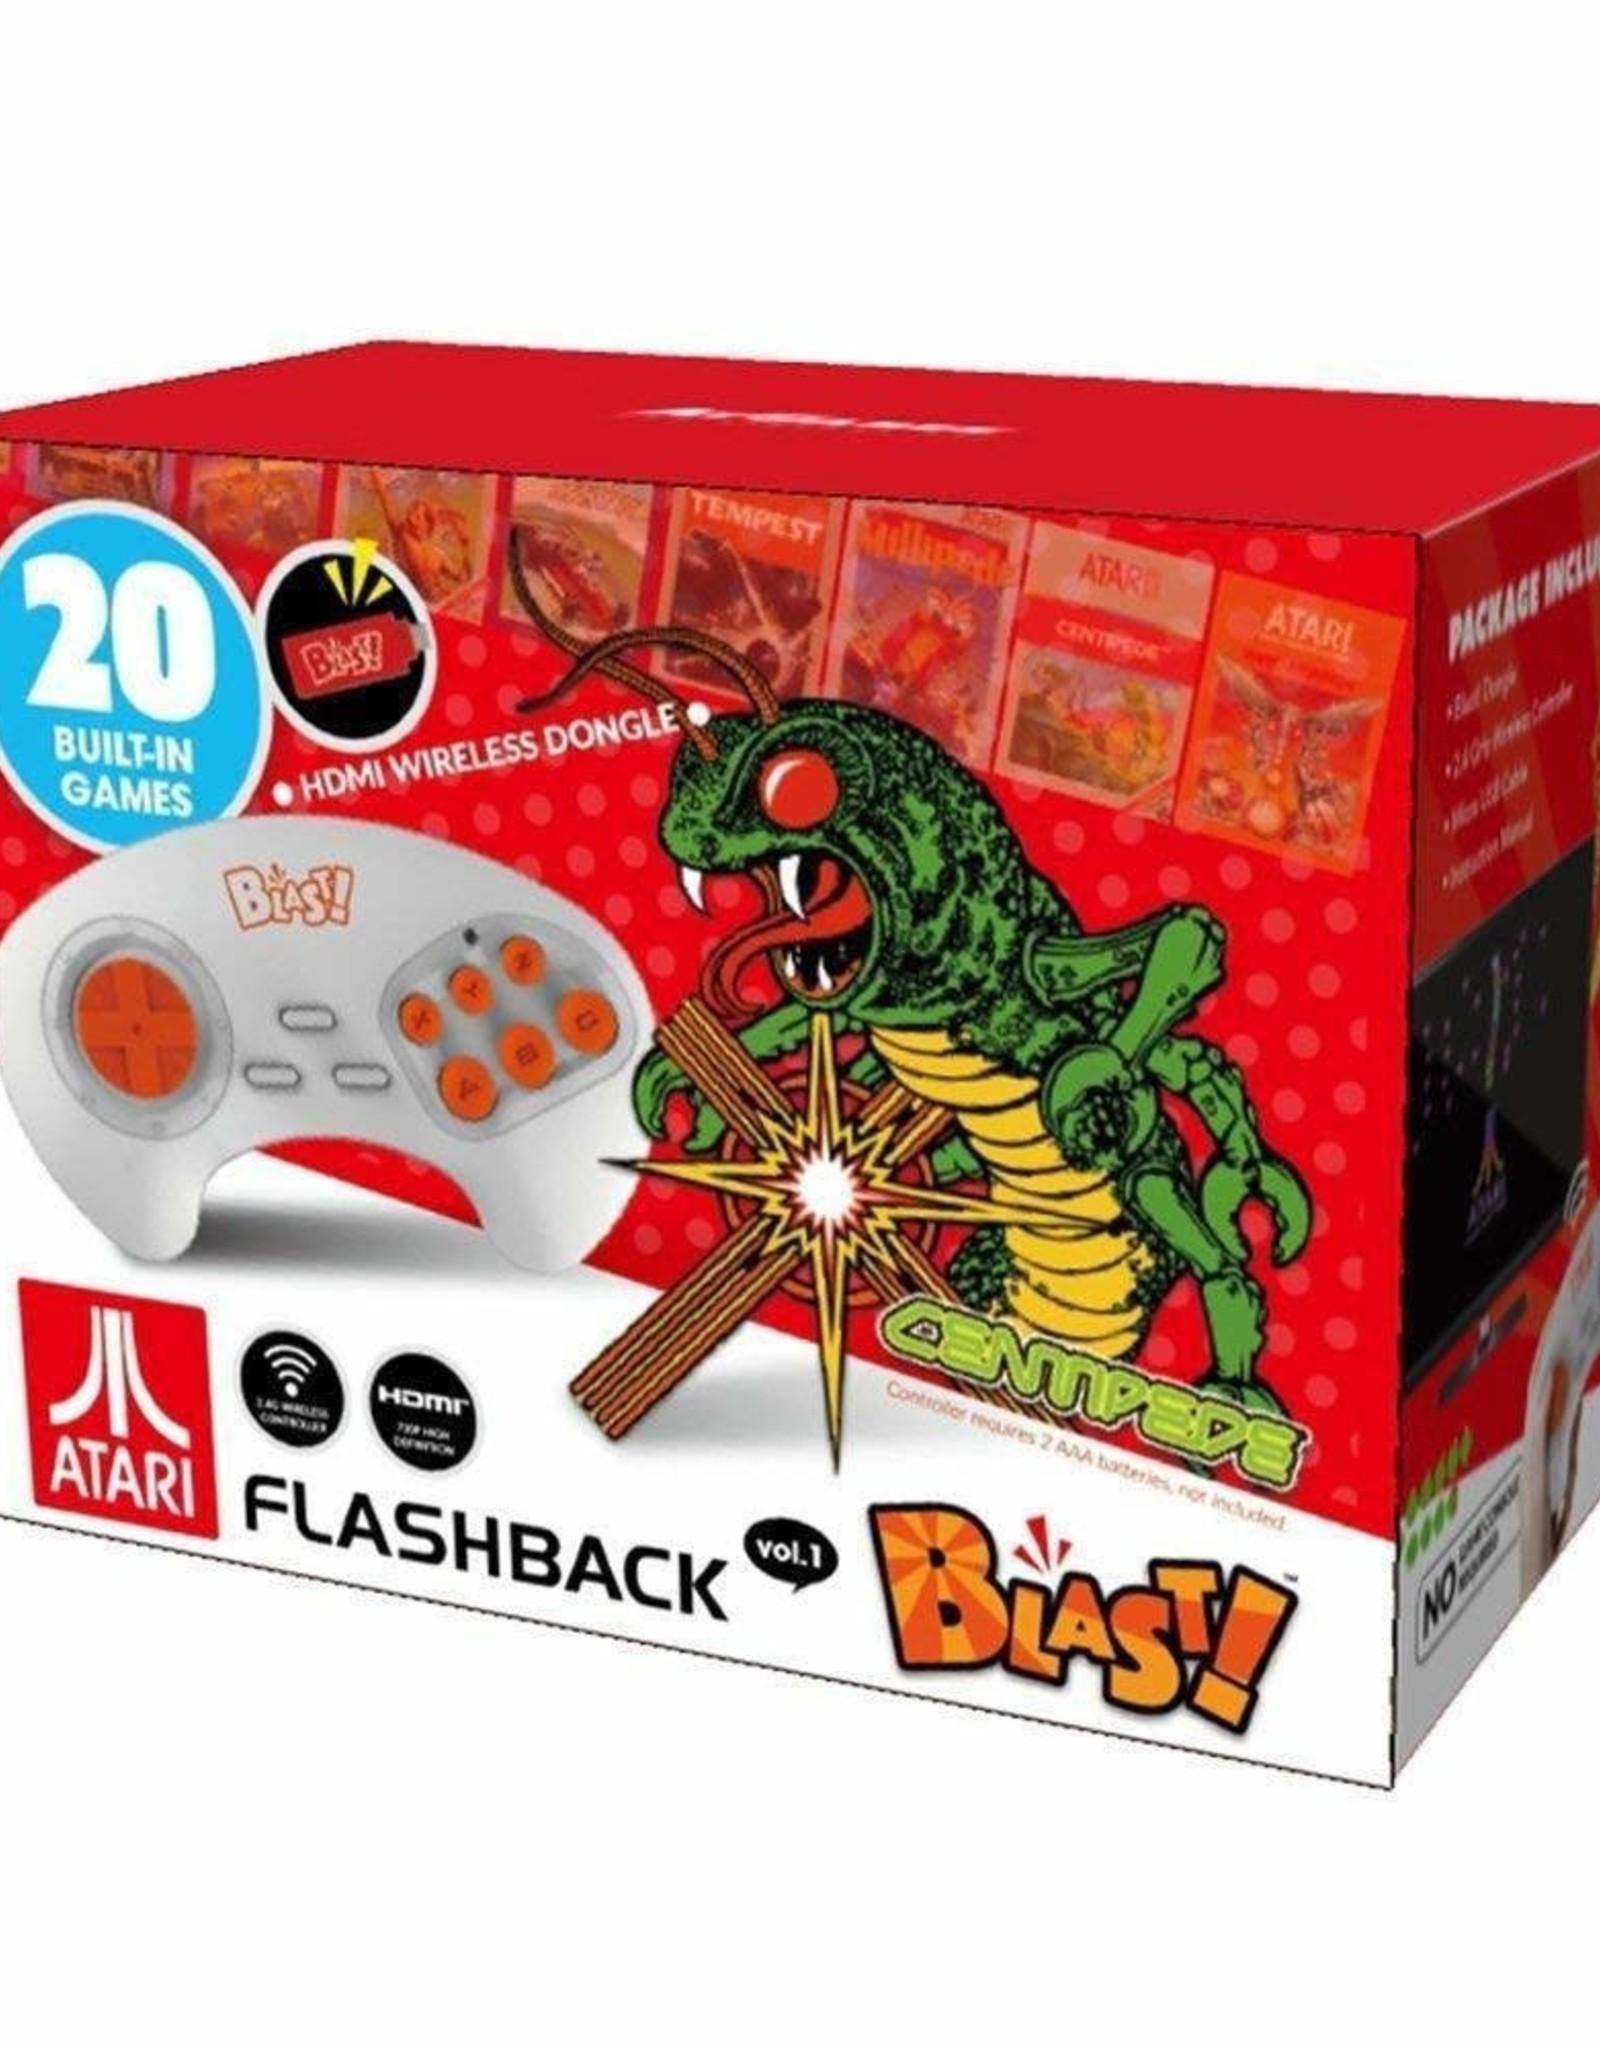 ATGames Atari Flashback Blast Vol. 1